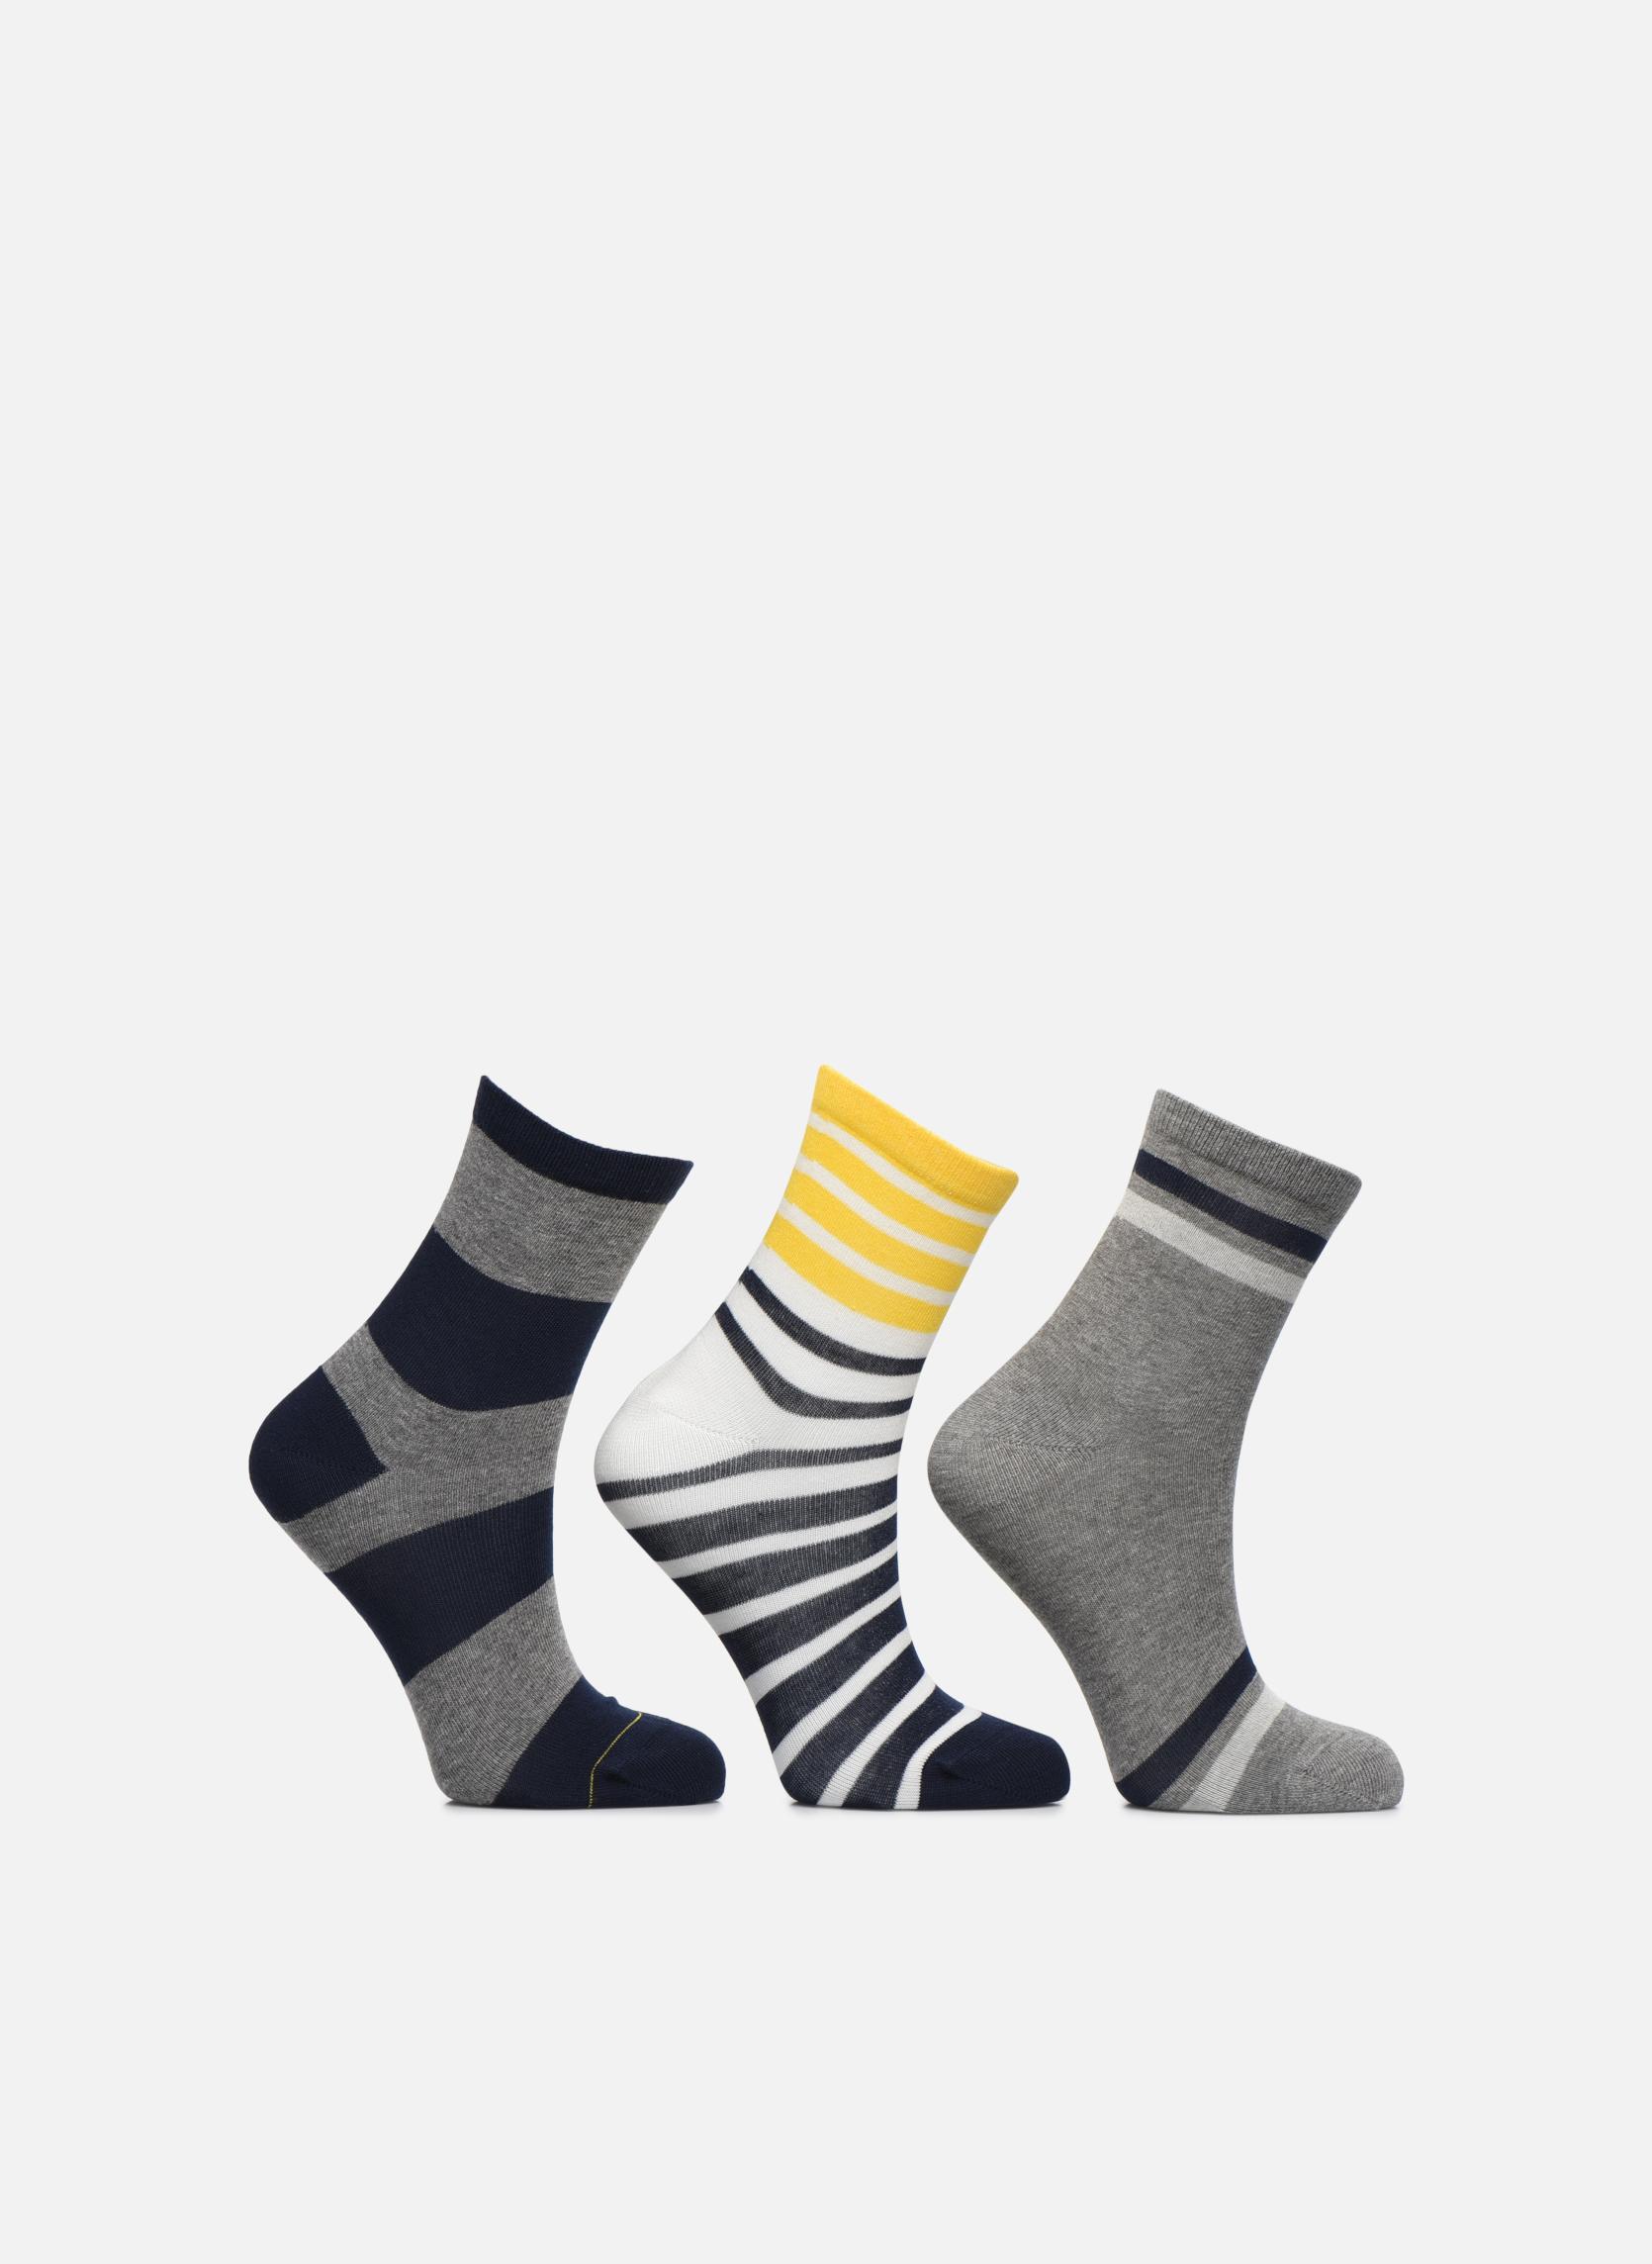 Chaussettes motif Pack de 3 enfant coton marine gris jauneC013